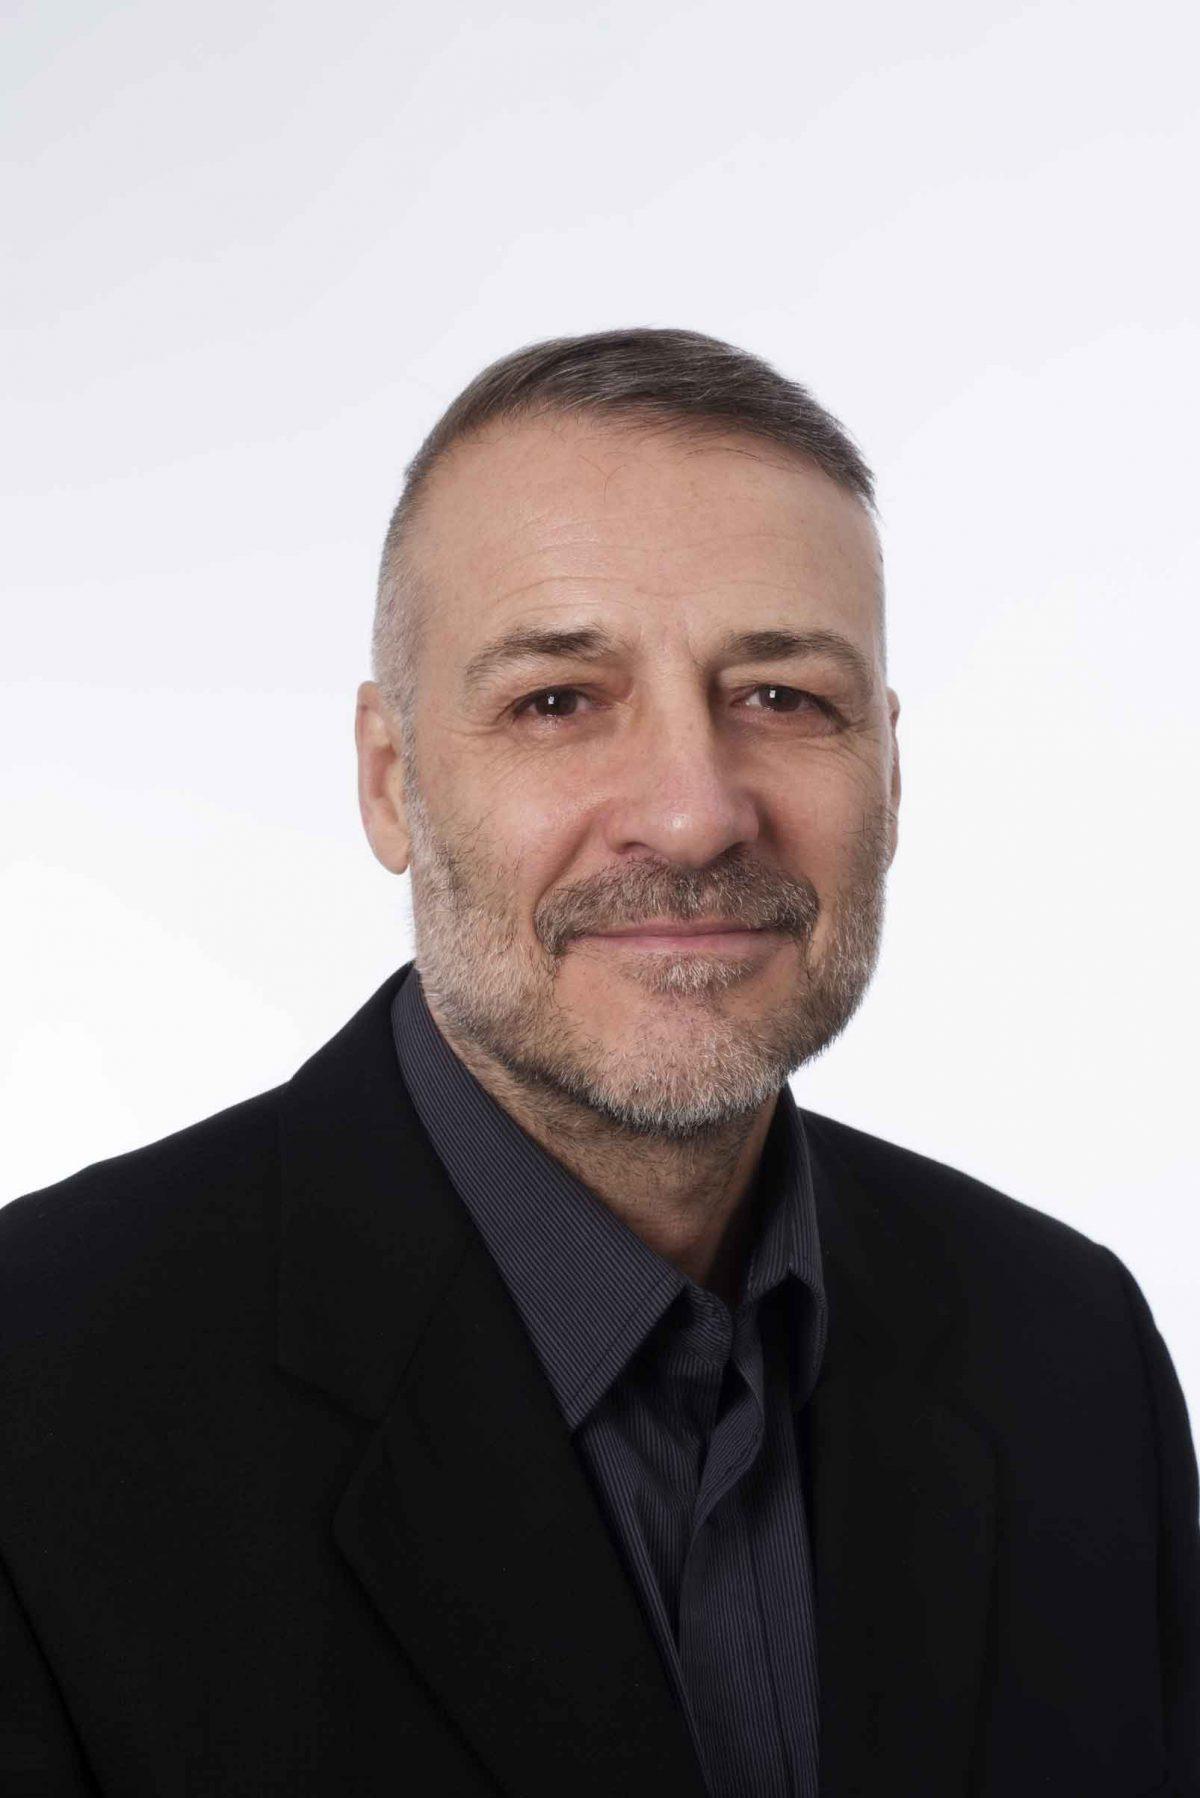 Konstantin Vleitchkov